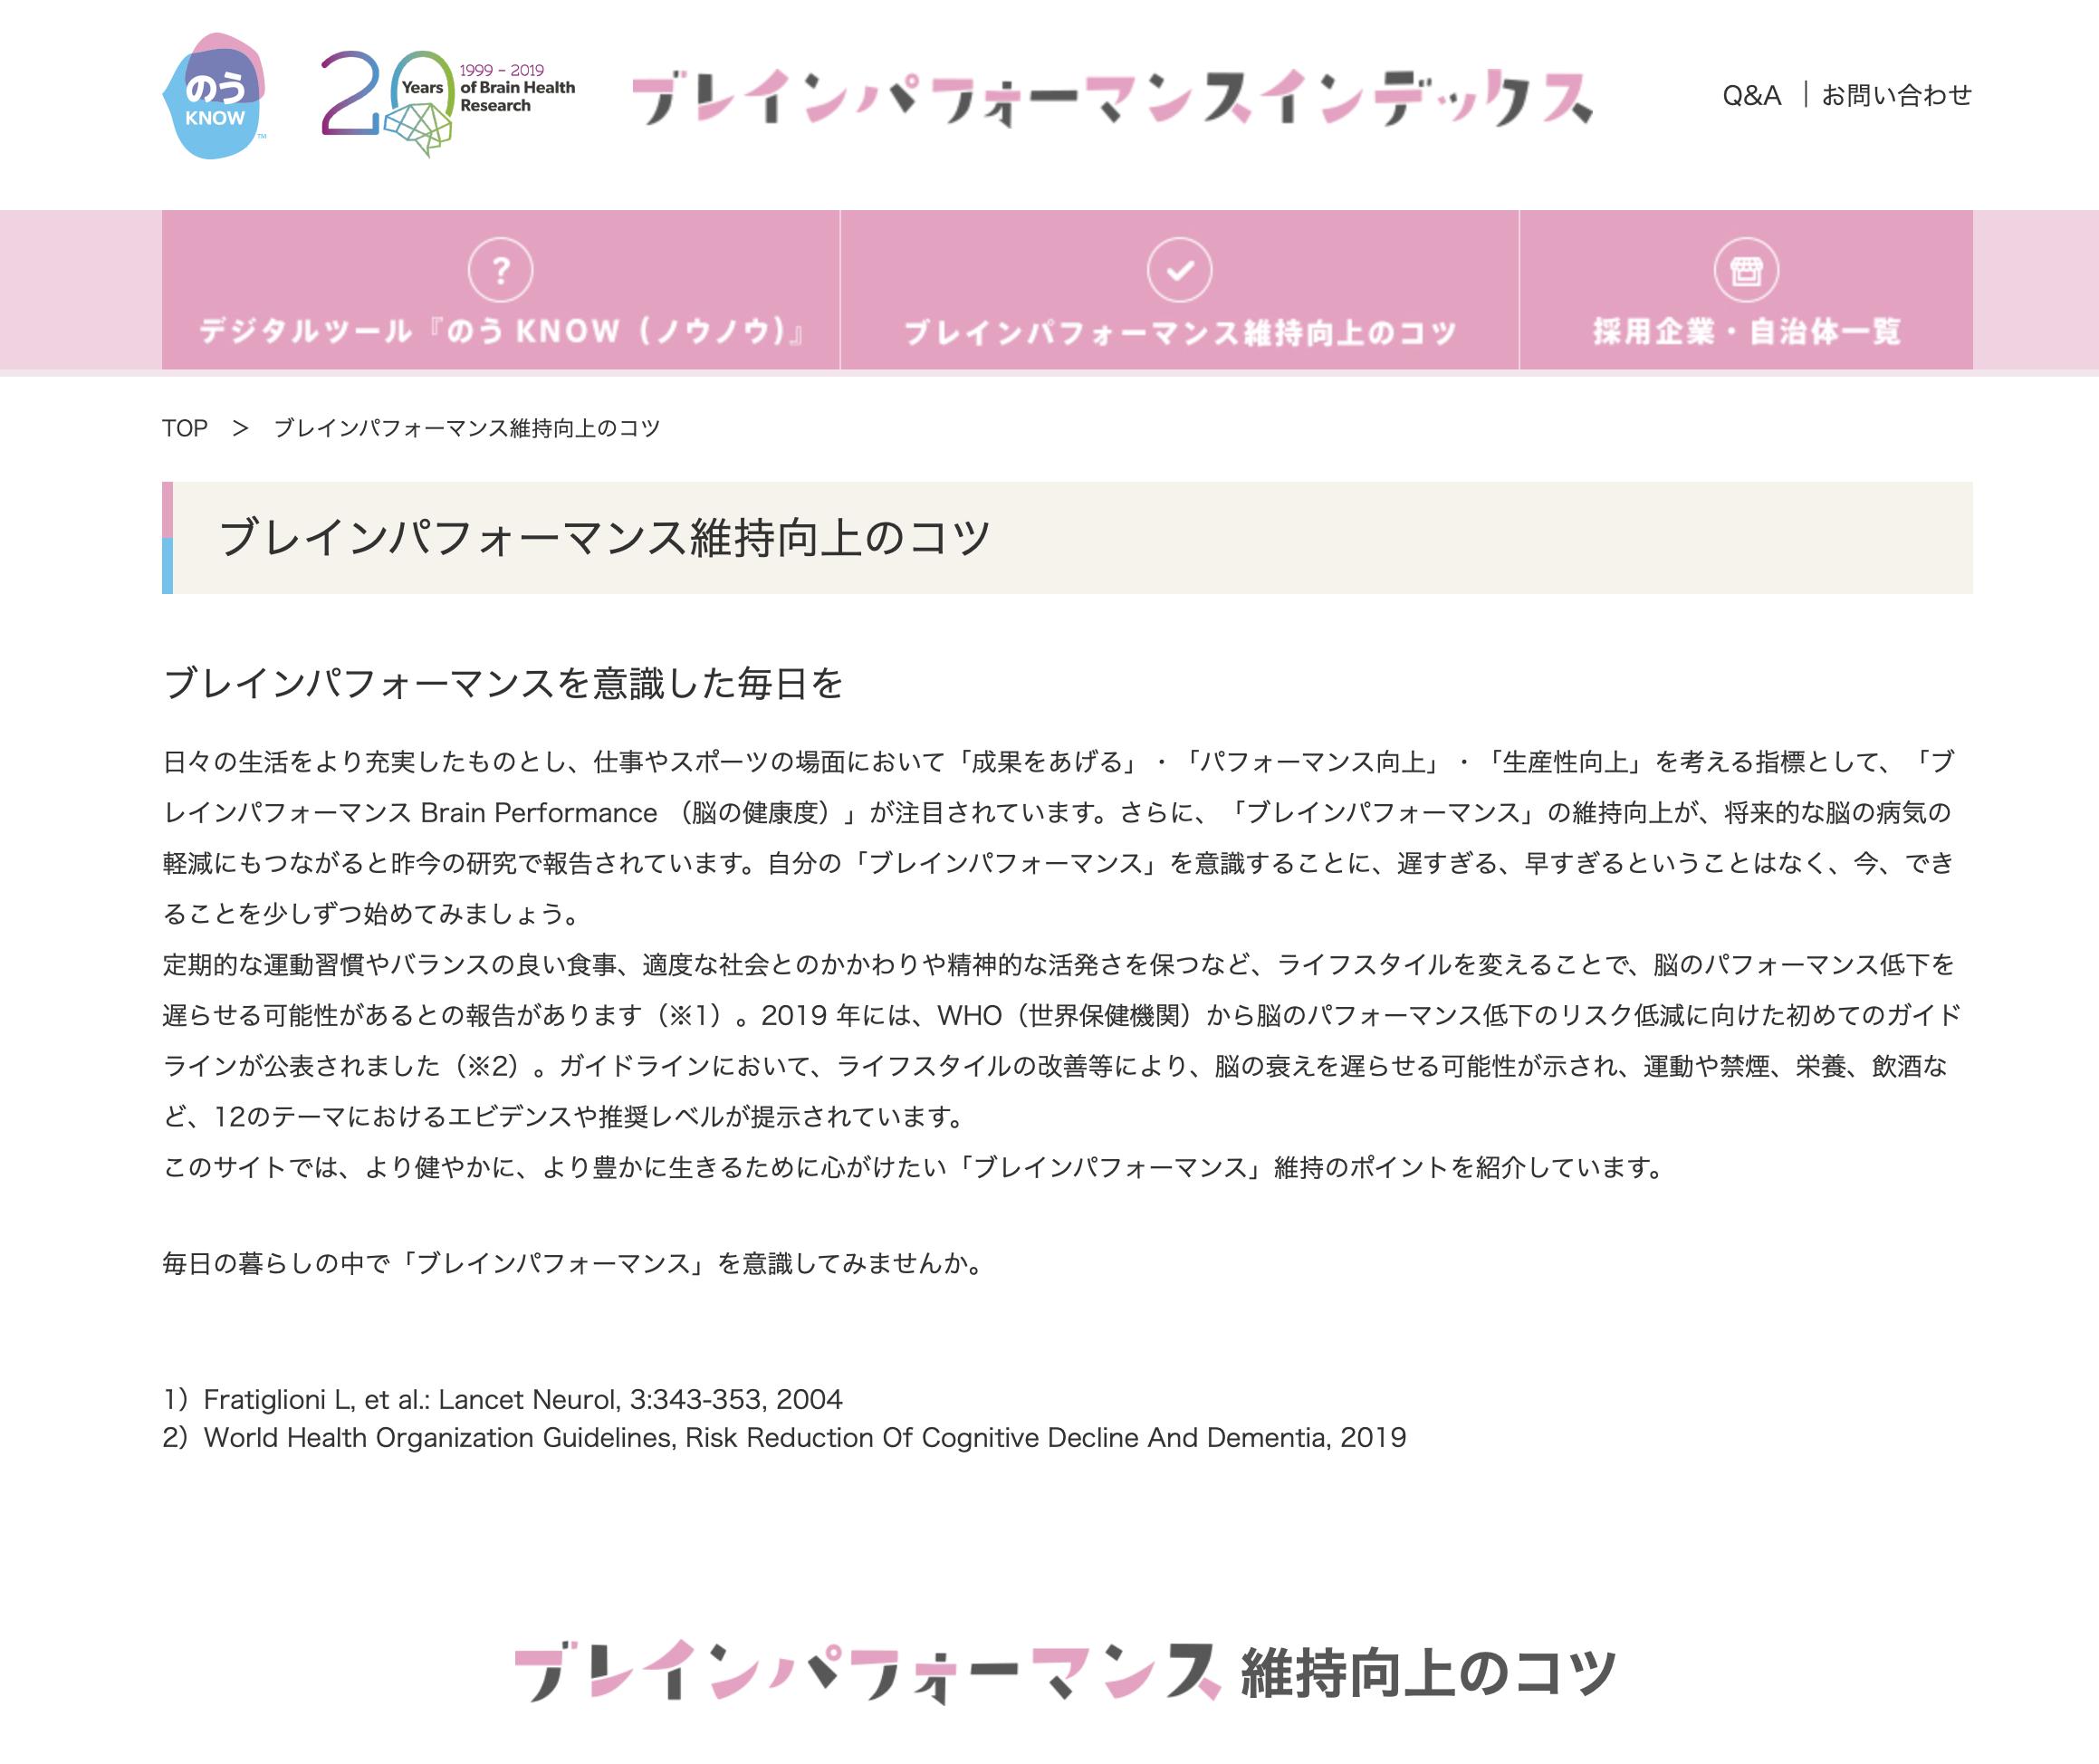 エーザイ株式会社様 特設サイト「ブレインパフォーマンス」